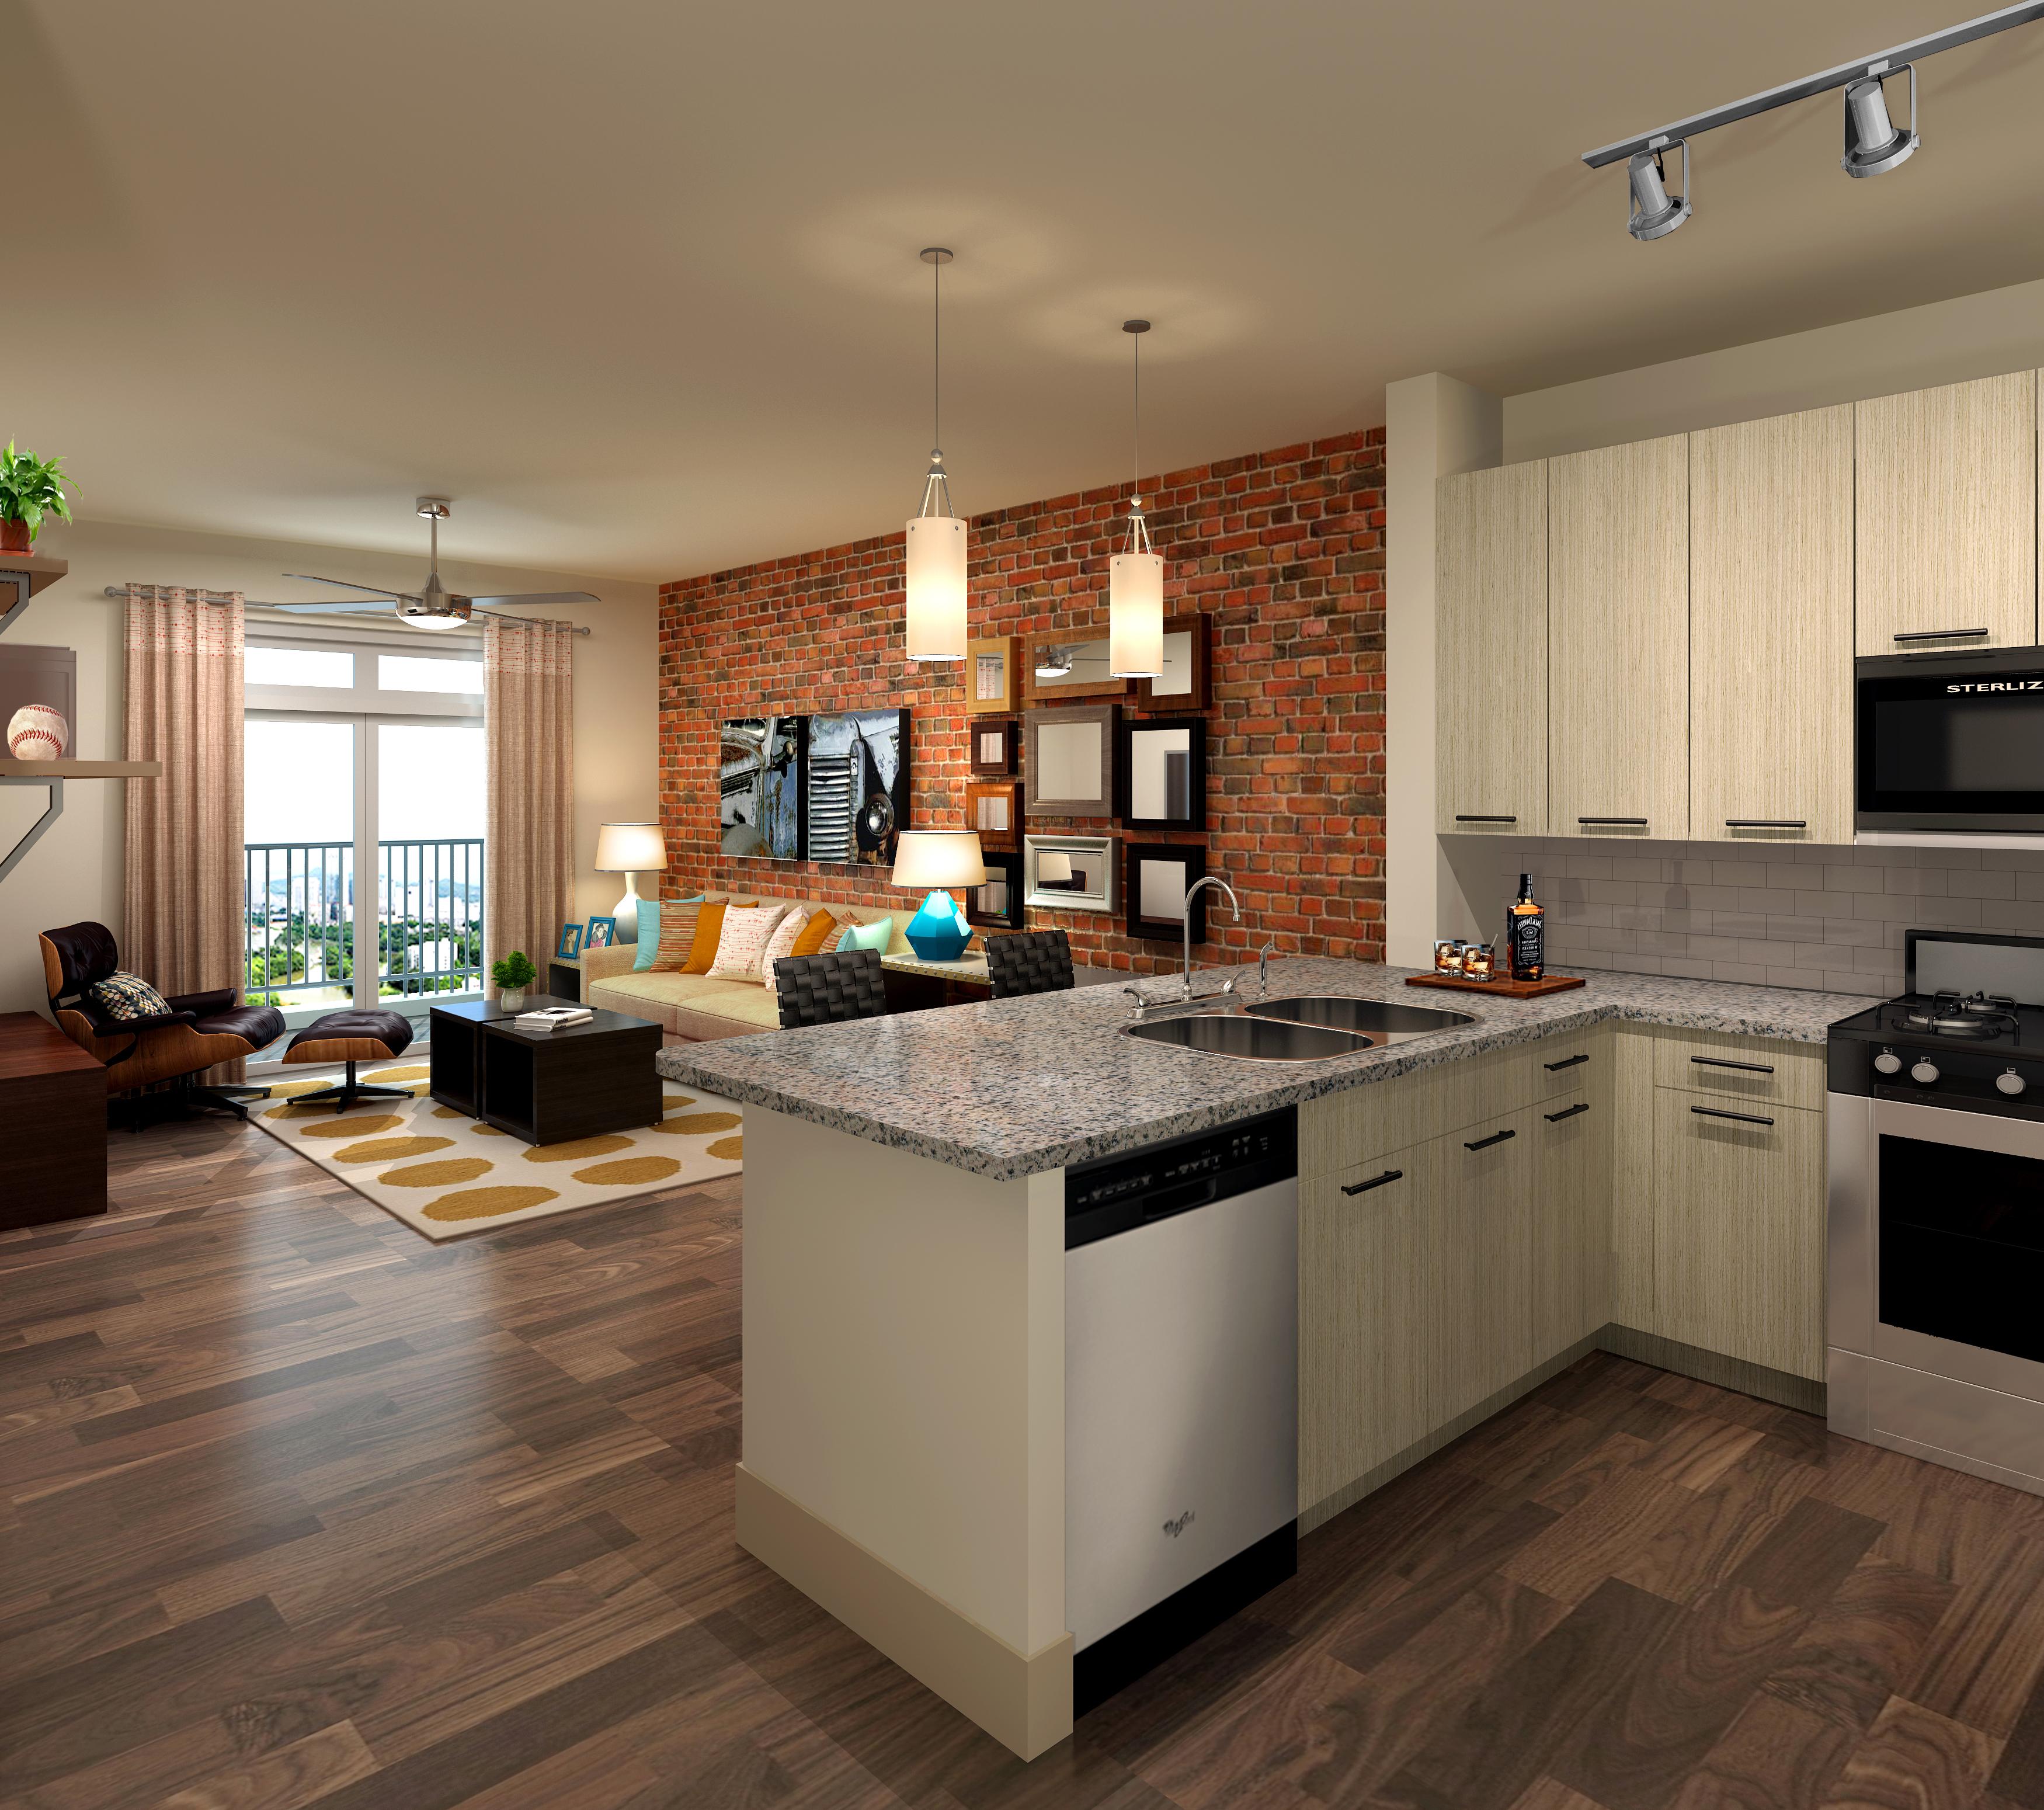 Model Apartments: BRACK: Luxury Apartment Complex Rising